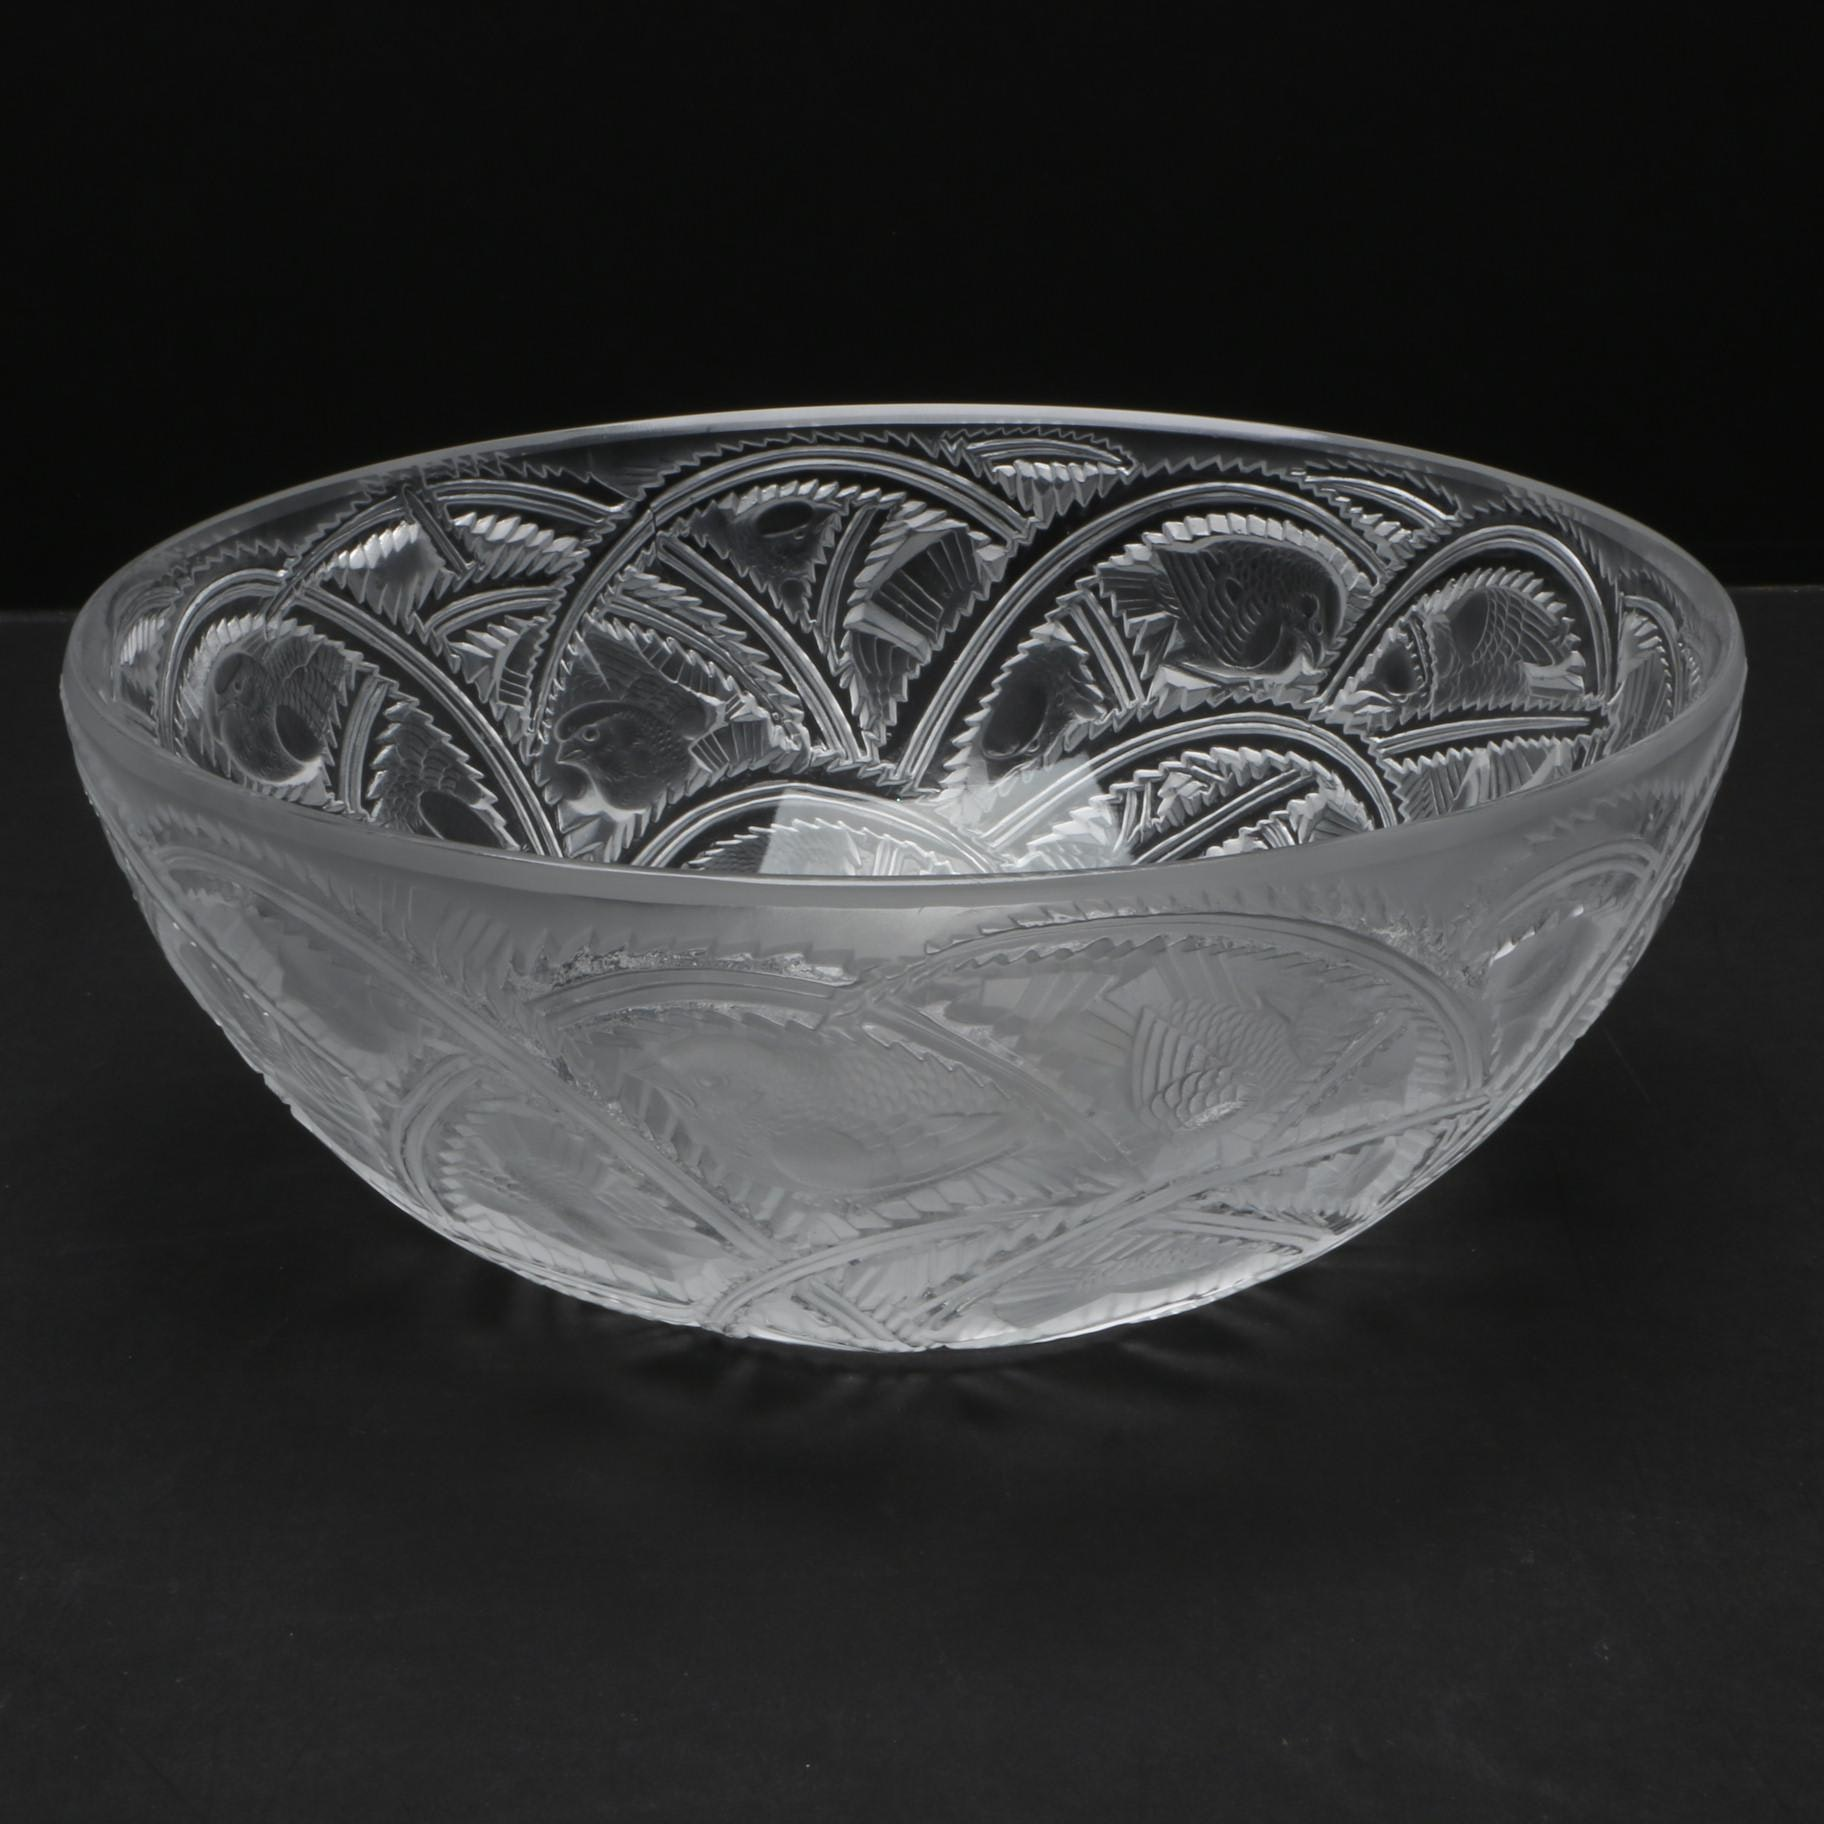 Lalique Pinsons Birds Coupe Bowl